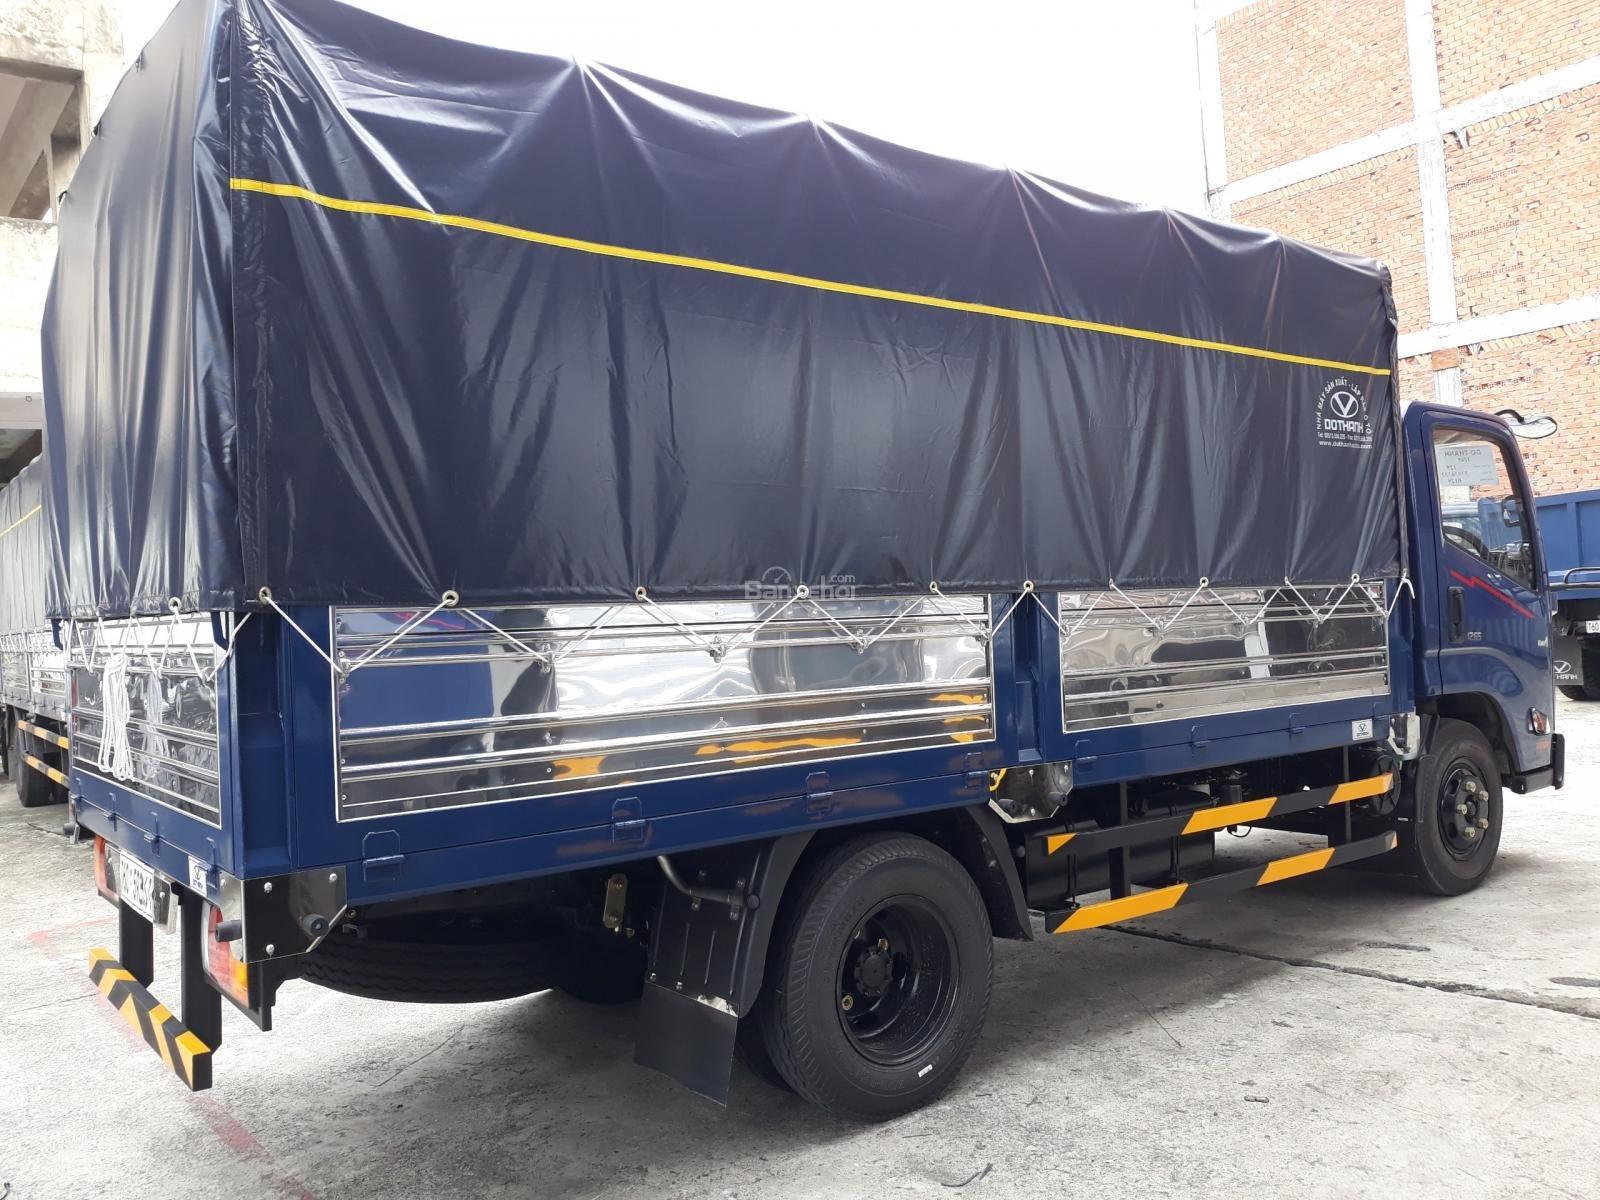 Xe tải Đô Thành IZ65 tải 1.9 tấn đến 3.5 tấn, khuyến mãi 100% thuế trước bạ, hỗ trợ trả góp, giao xe ngay (3)